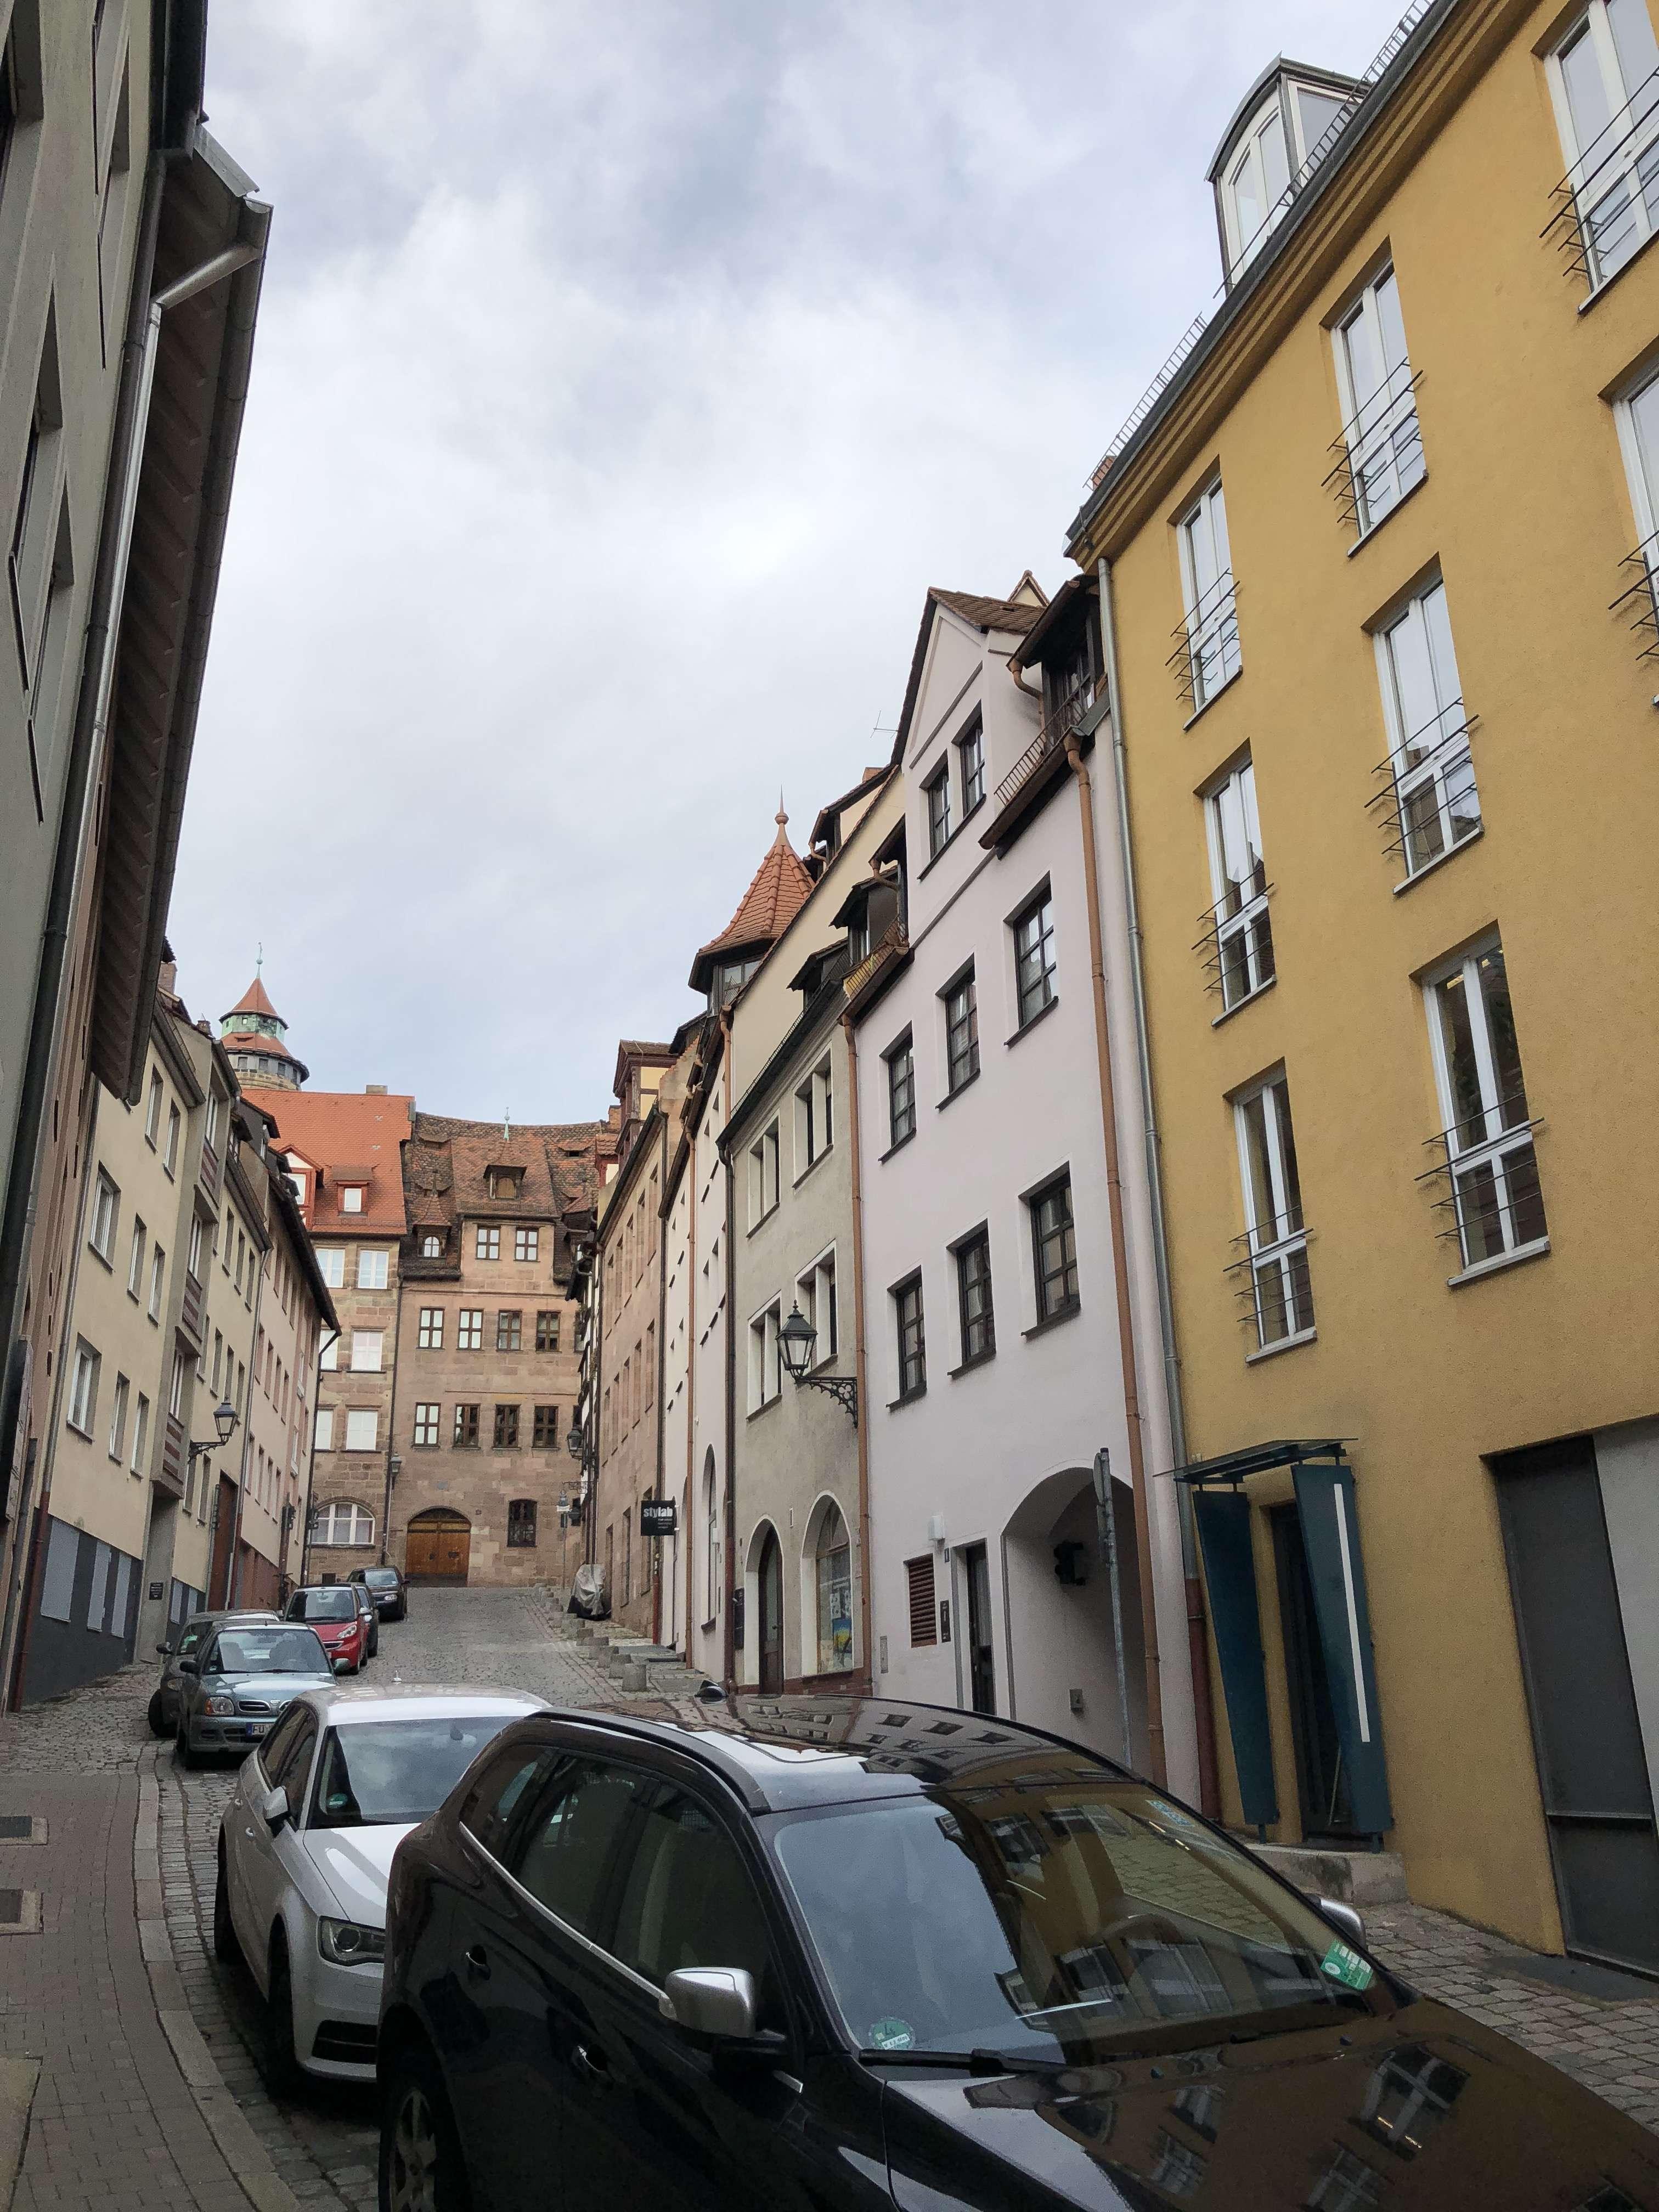 Mittendrin, Wohnen zwischen Burg und Hauptmarkt. in Altstadt, St. Sebald (Nürnberg)